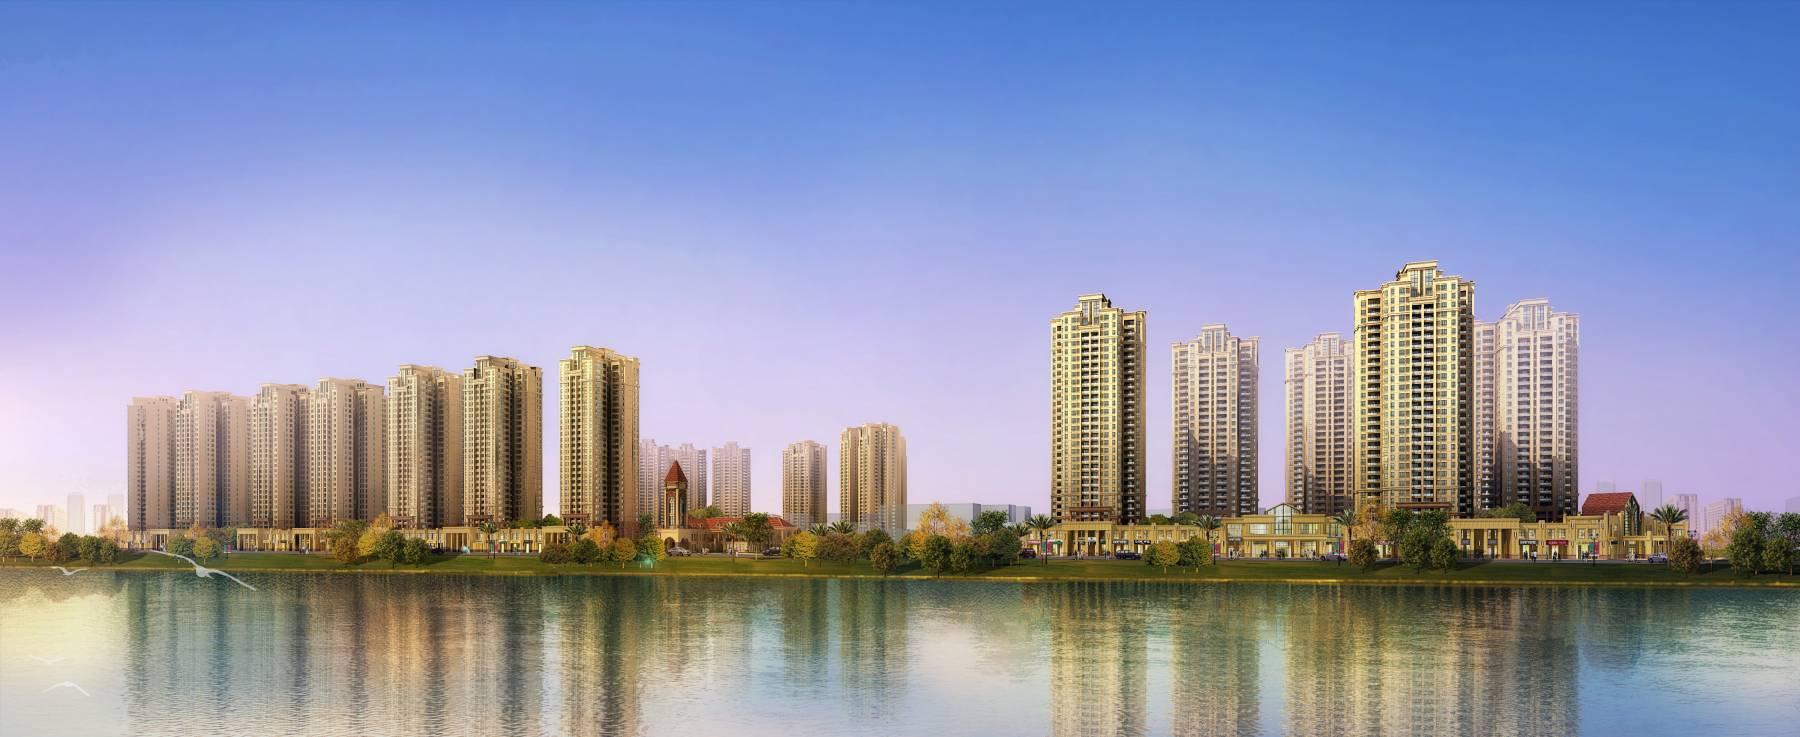 大型滨江商业住宅小区